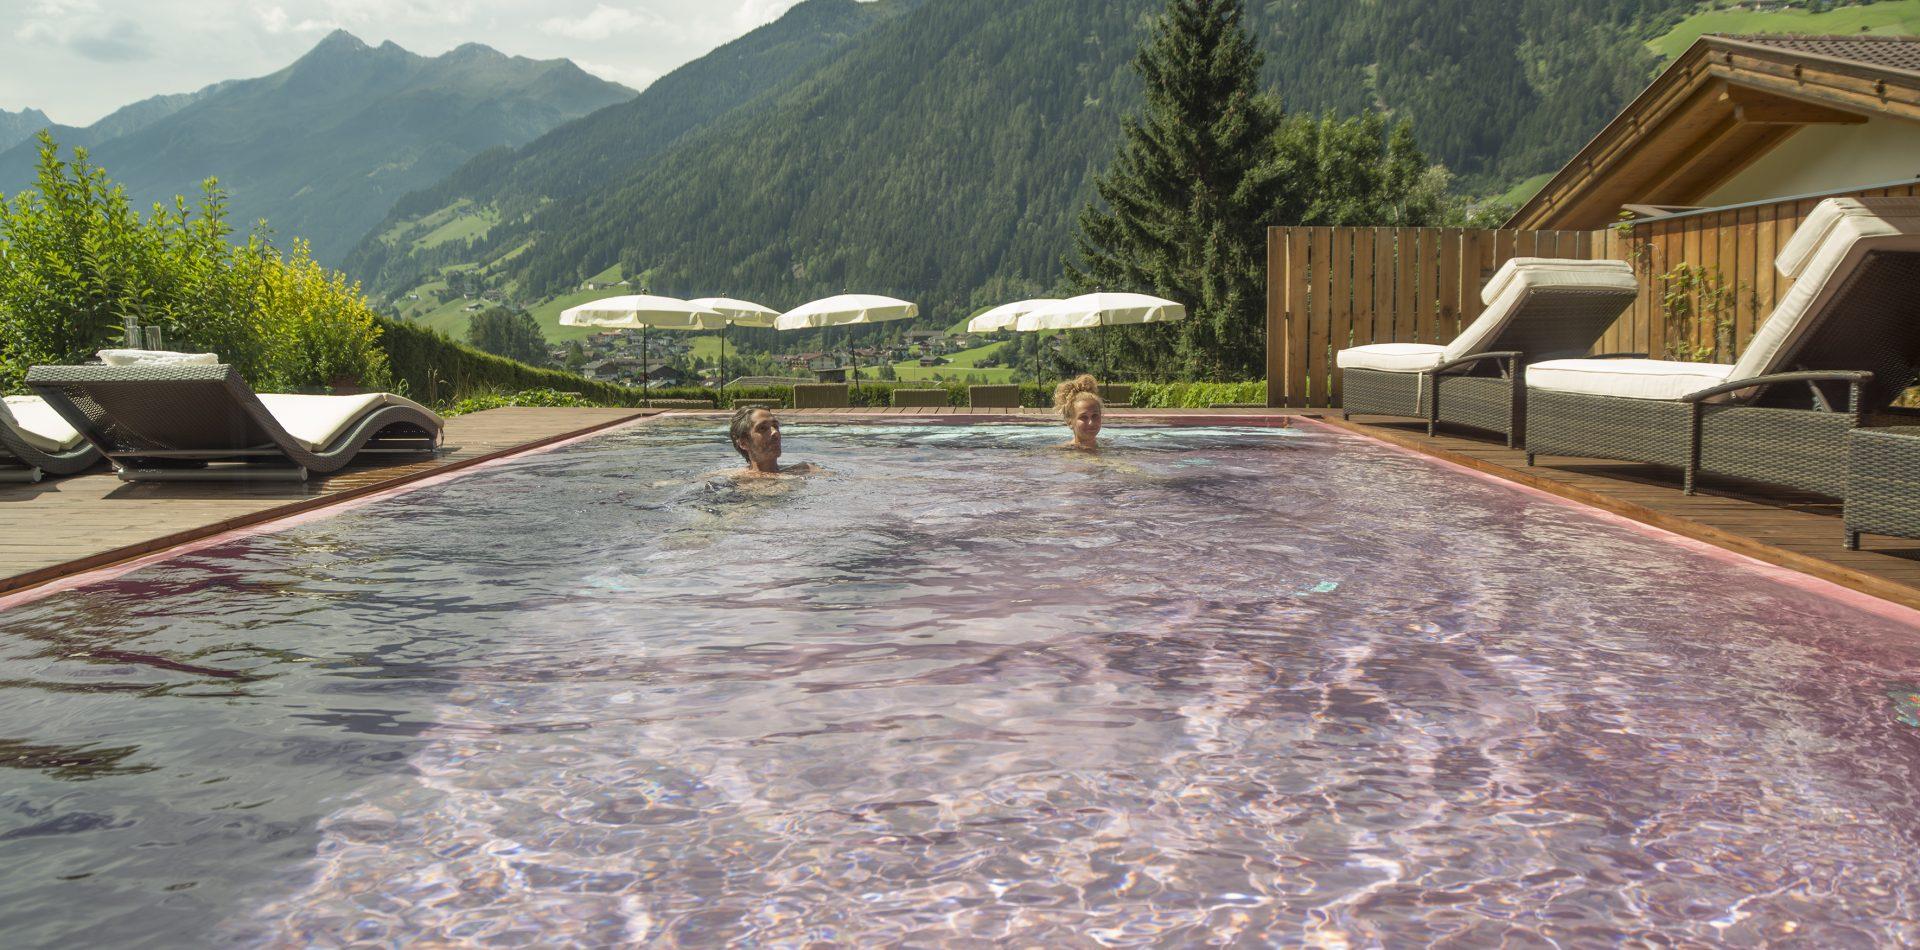 Infinity Pool Hotel Erika im Stubaital